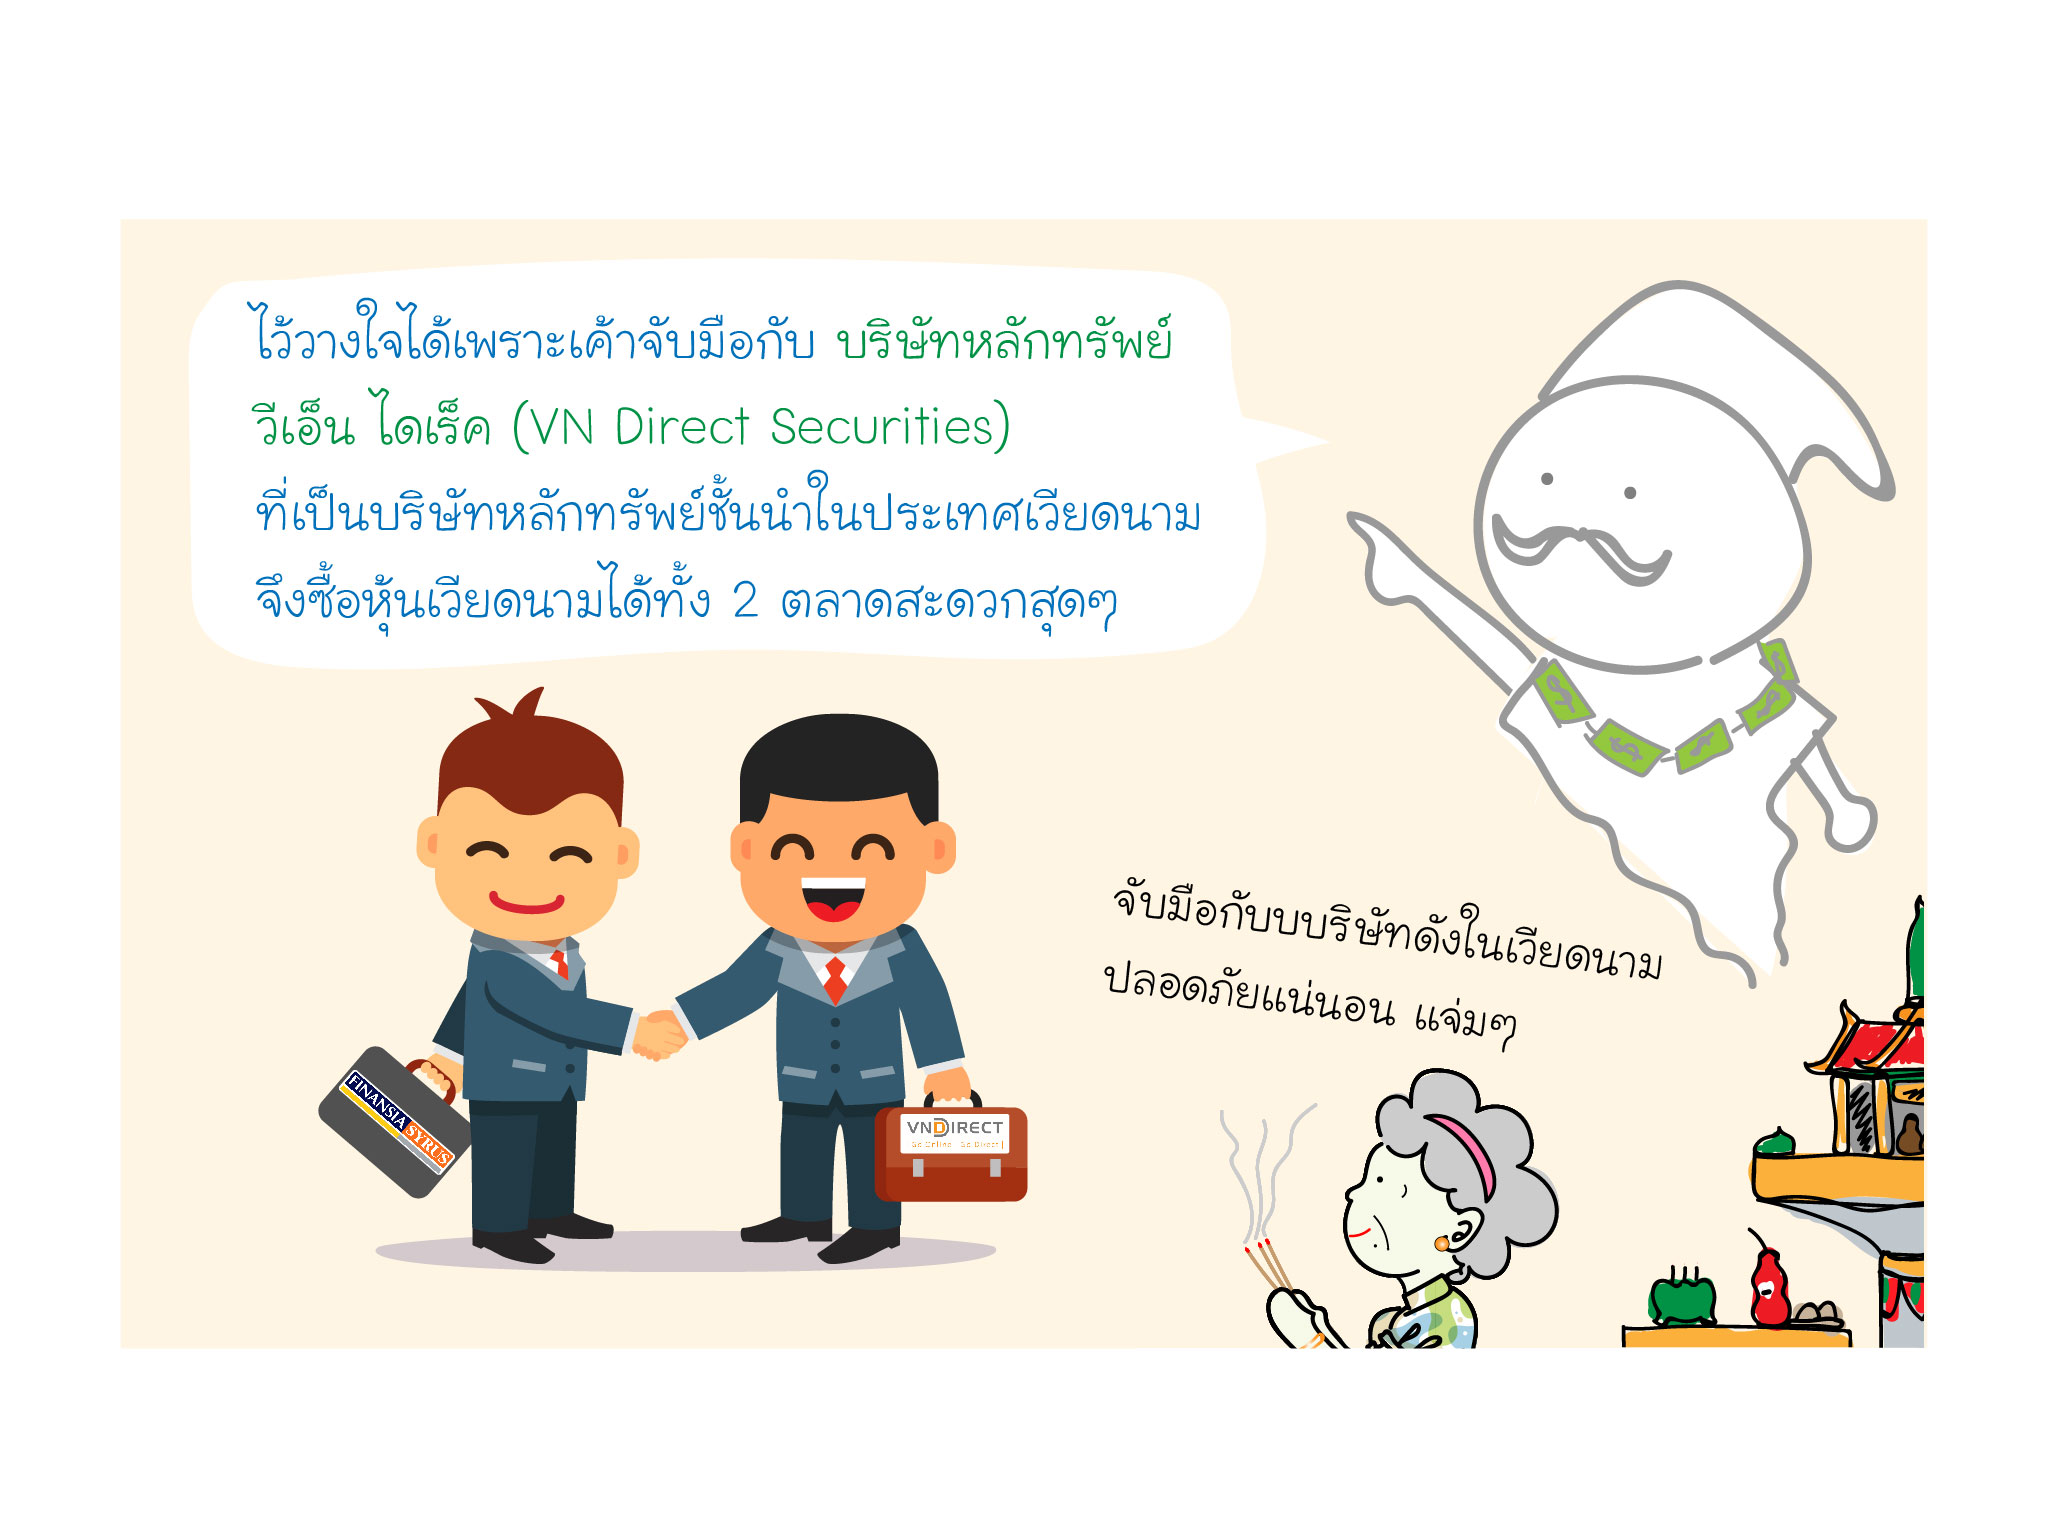 ศาลเจ้าพ่อลงทุน - FSS-VNtrade_Artboard 1 copy 9